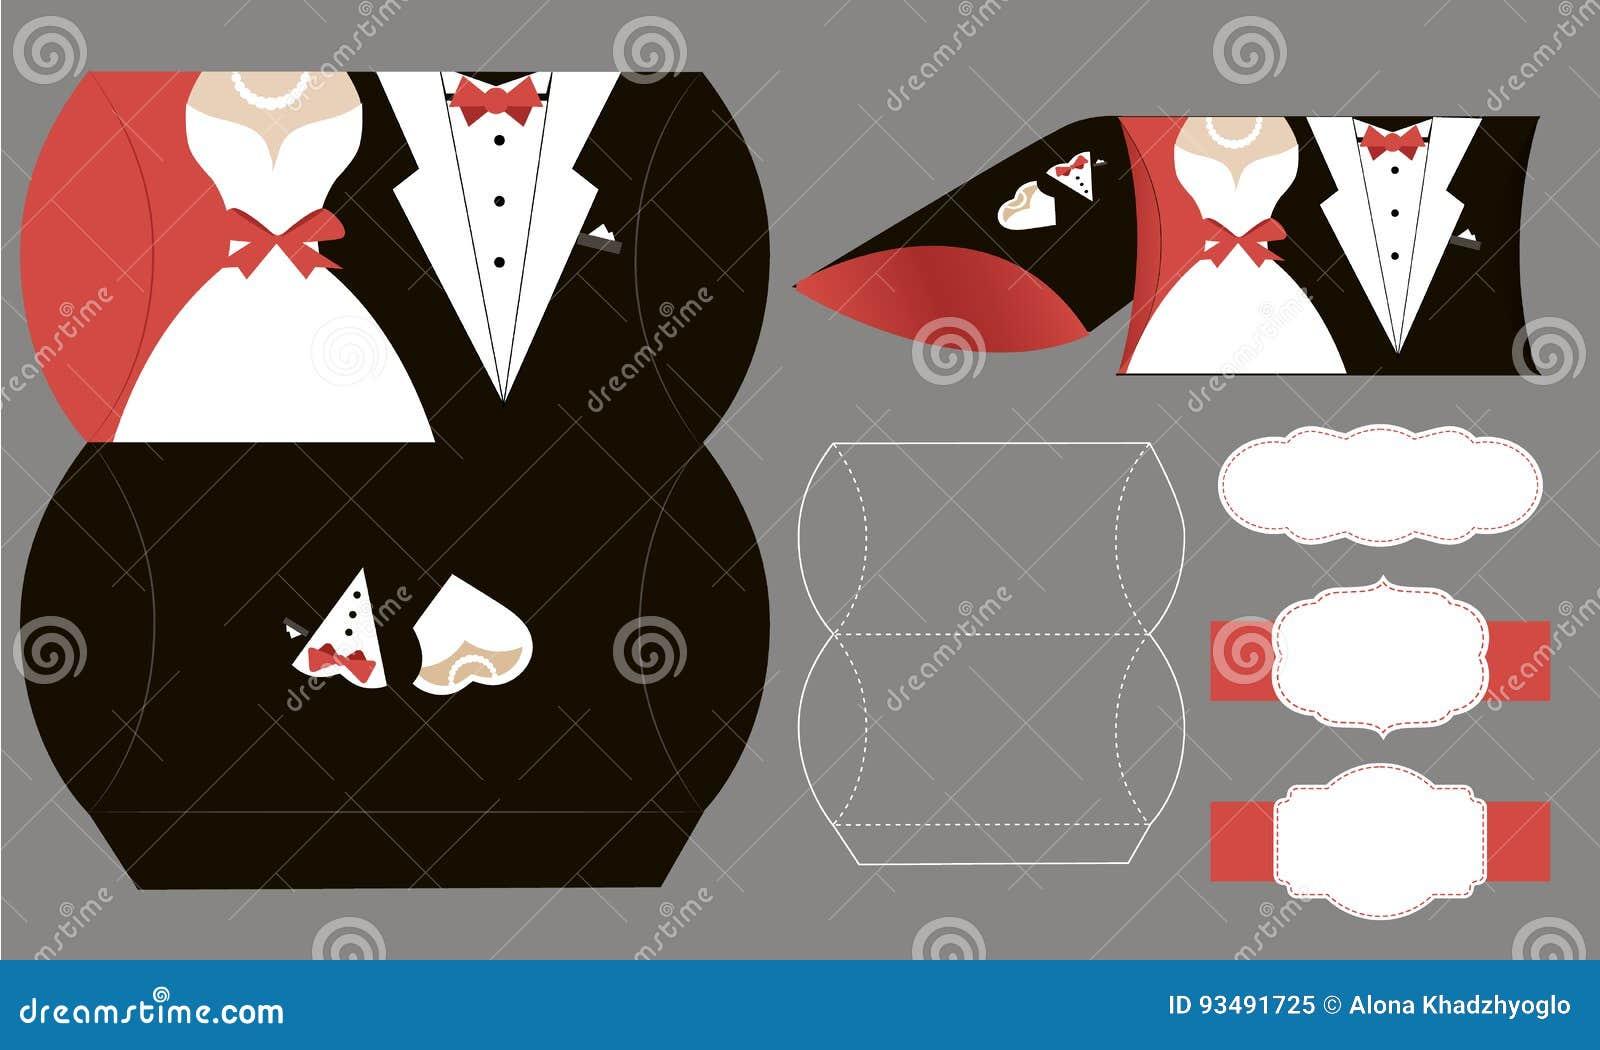 Braut und Bräutigam Papier-bonbonniere, Süßigkeitskasten Vektorkastenschablone